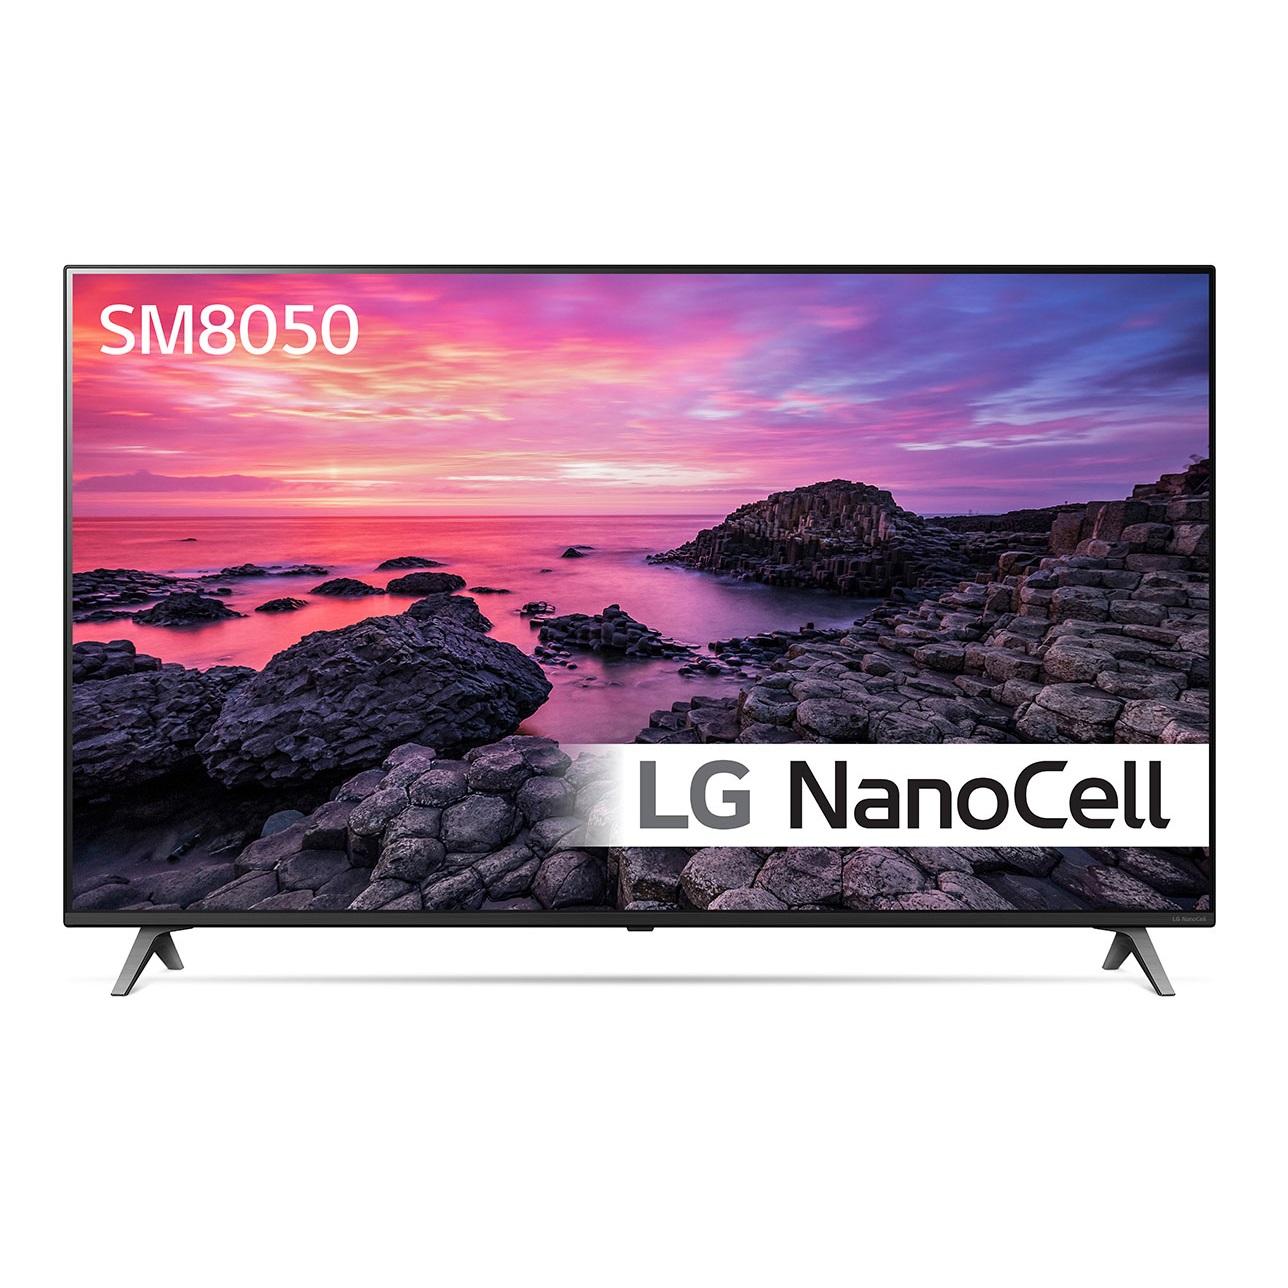 LG 55SM8050